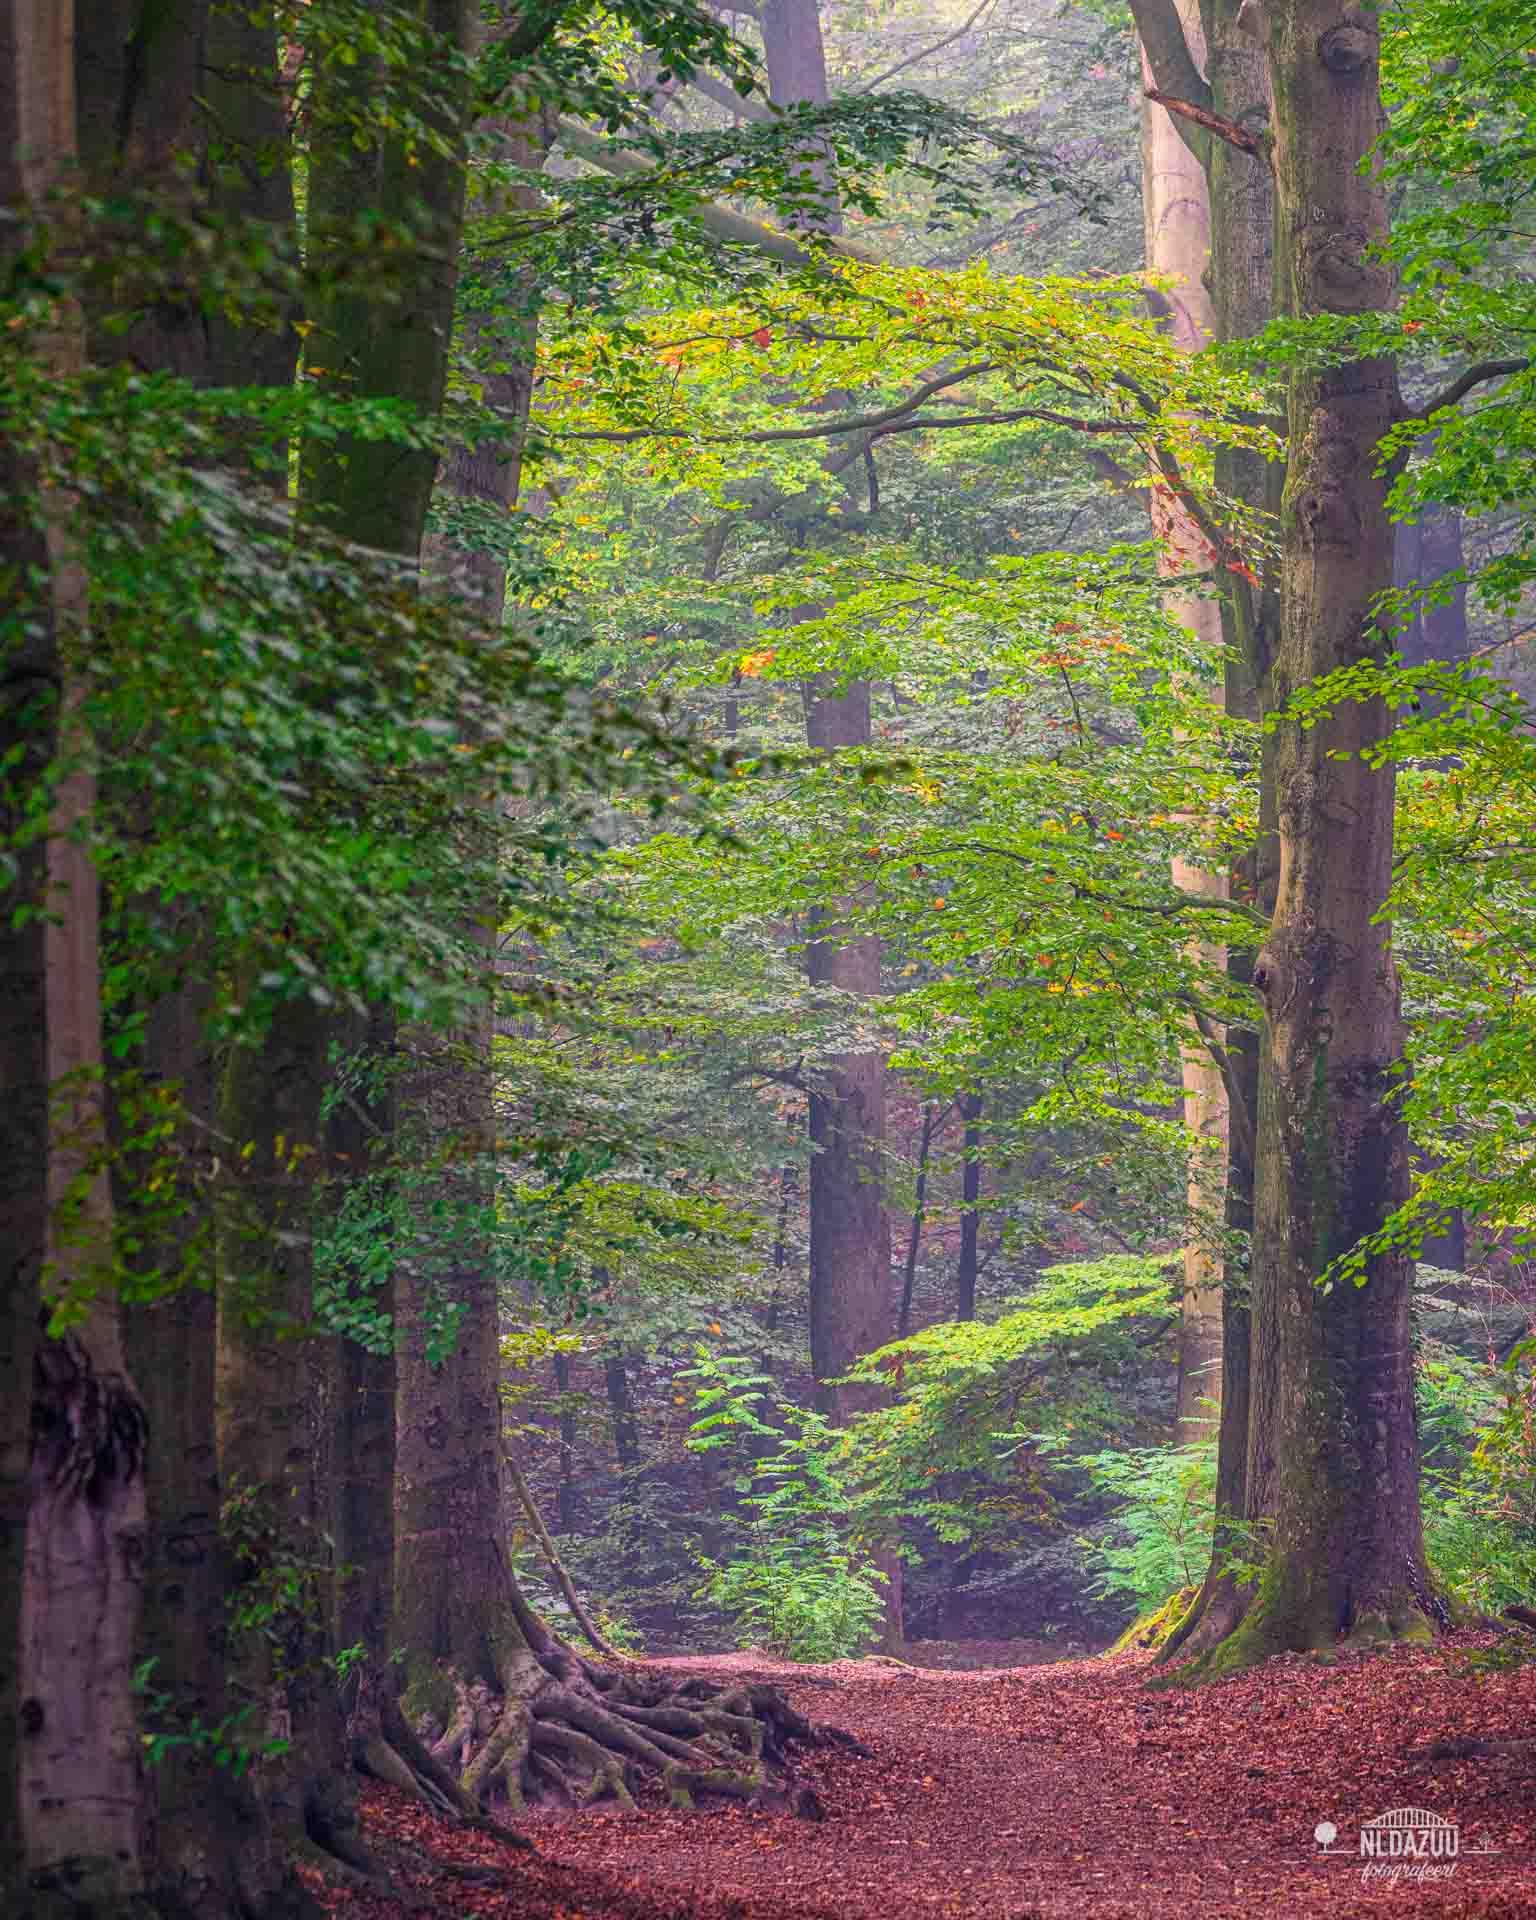 ***Transitie*** mooiste aan het seizoen herfst, de transitie van zomergroen, naar langzaam de herfstkleuren. Het rode tapijt op de grond maakt de sfeer compleet.